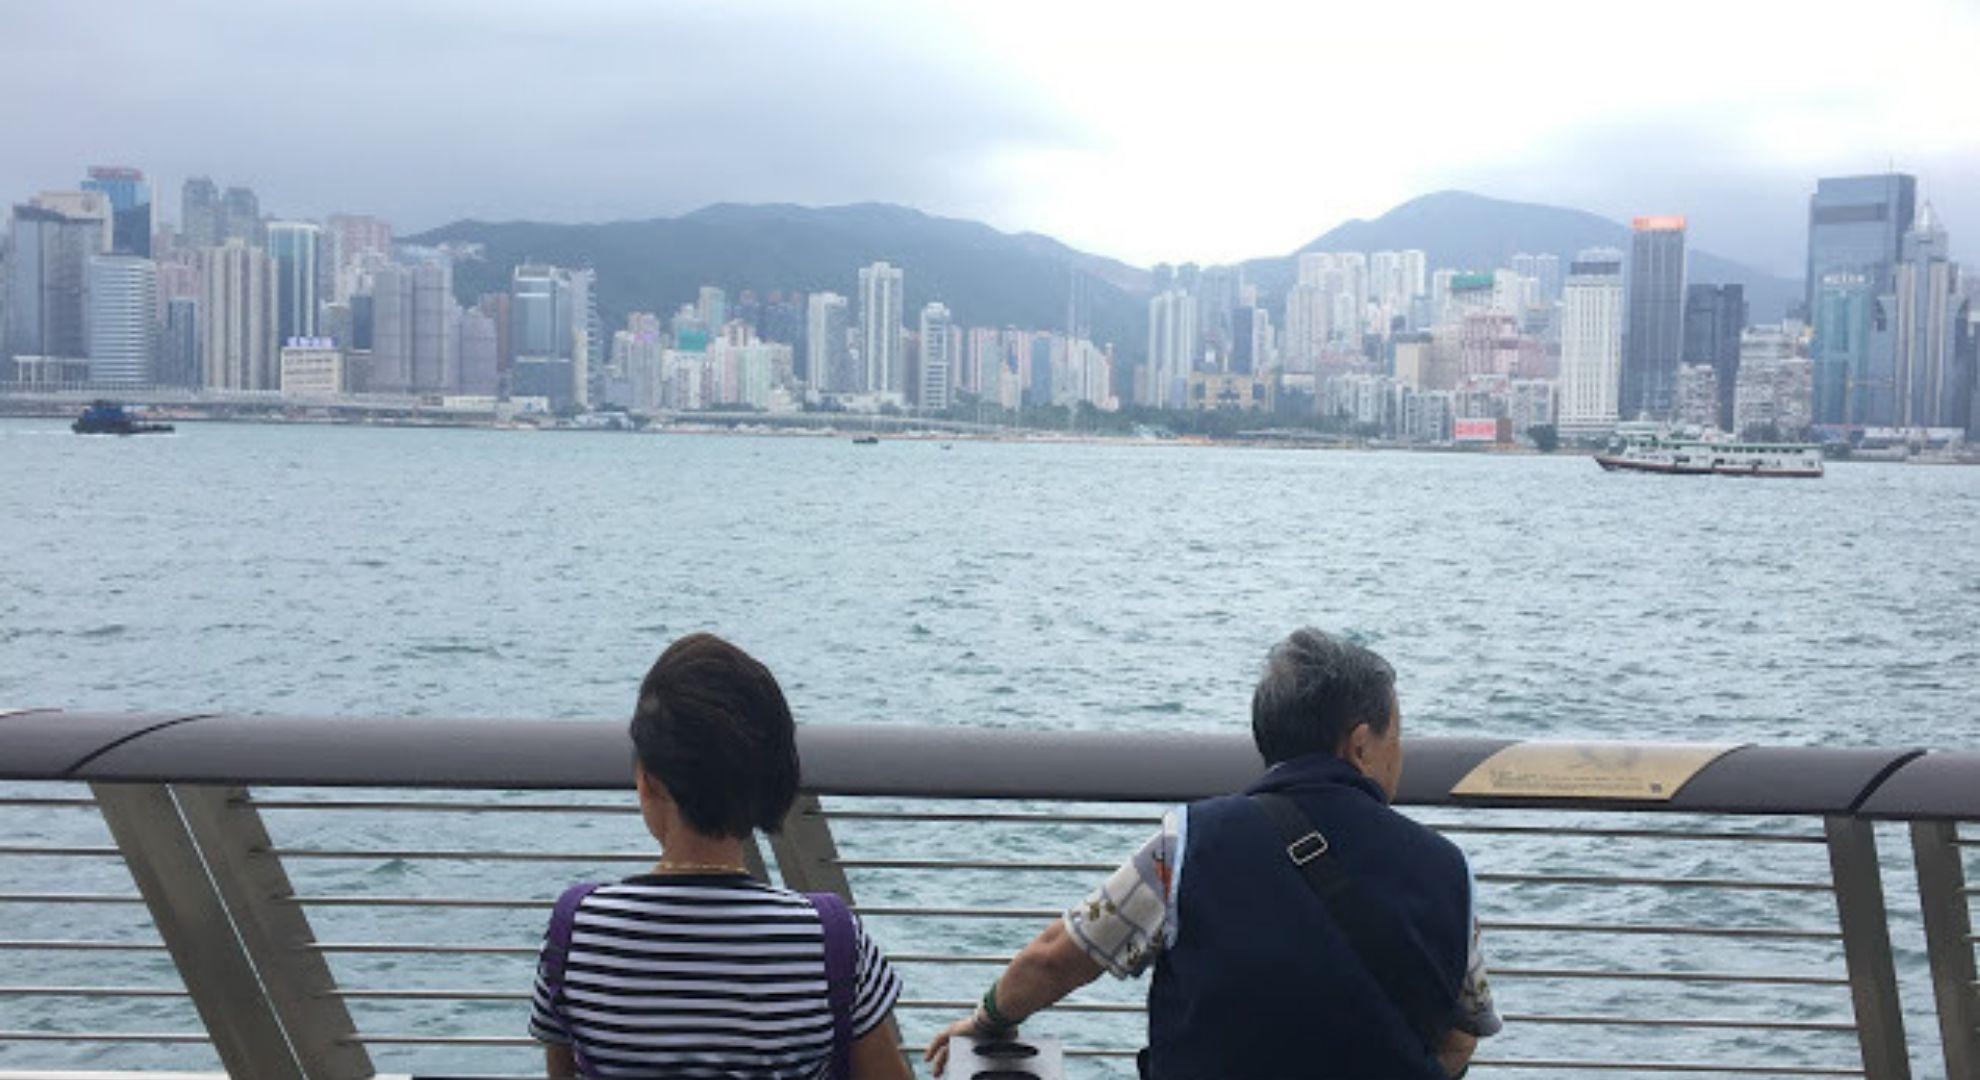 香港のホテルの宿泊料金が軒並み大幅値下げ中!